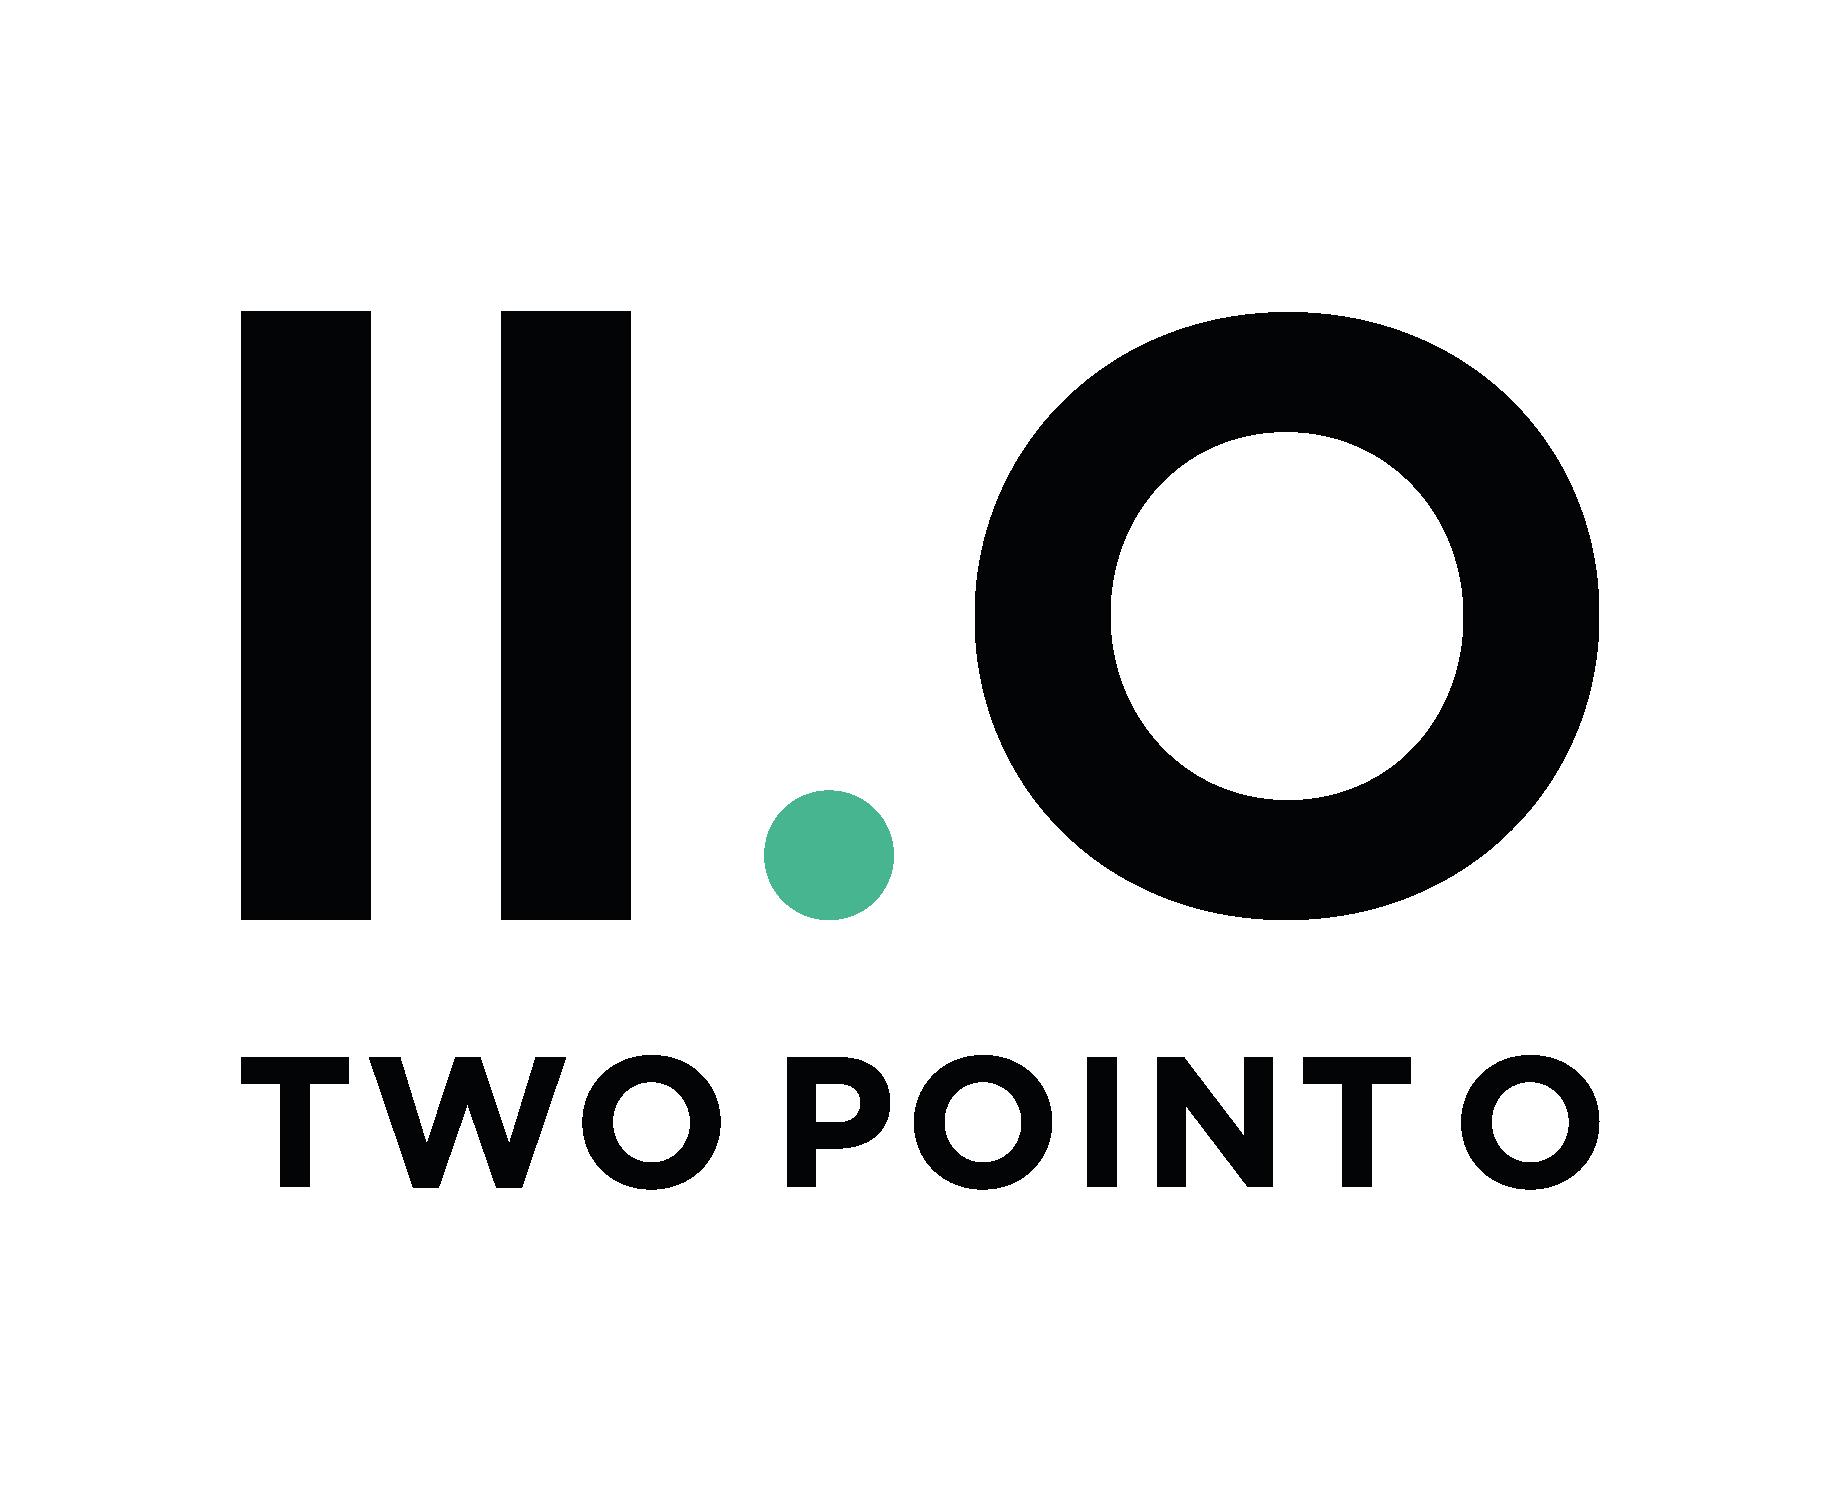 two point o logo